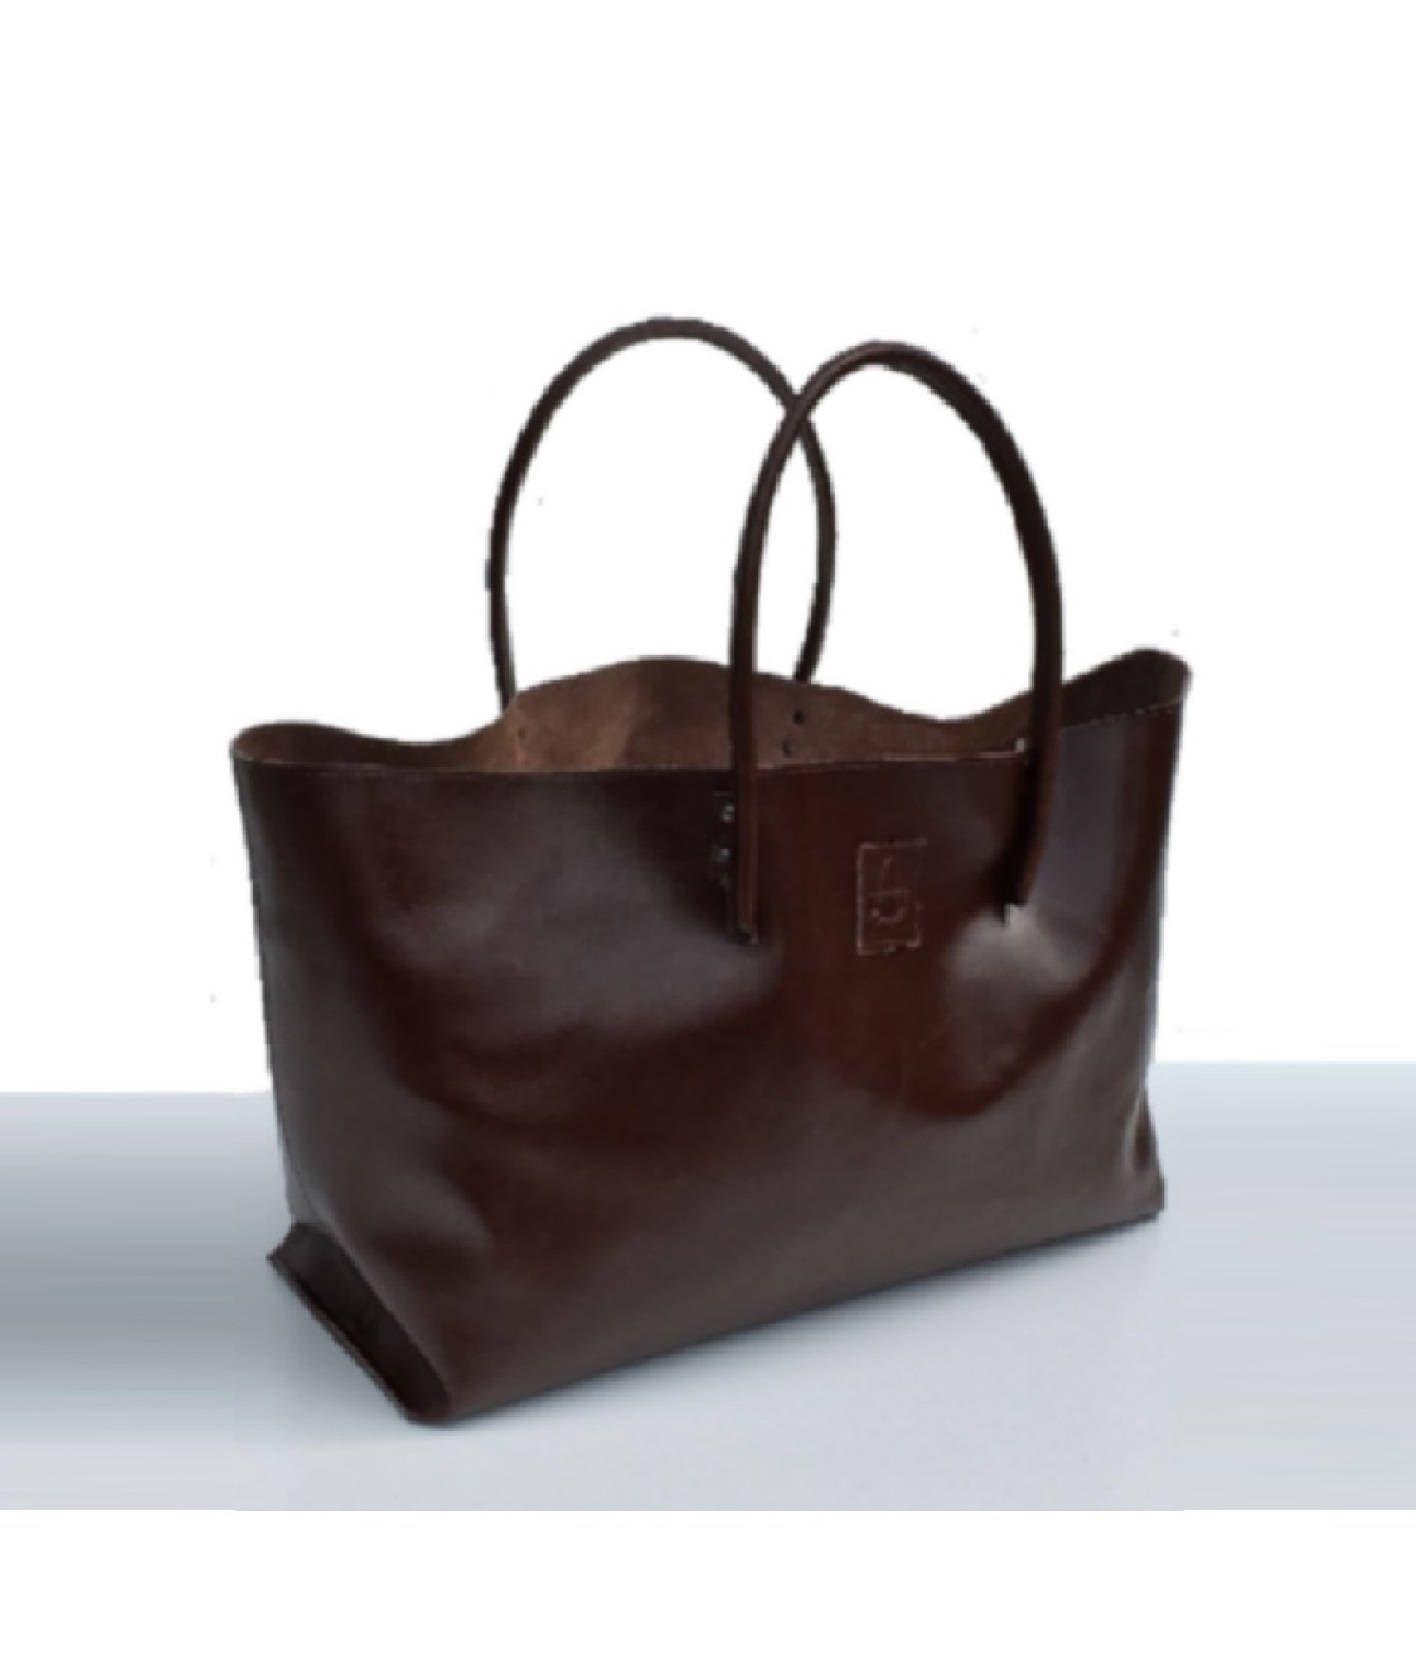 d5d812bfe97a3 XXL Shopper Ledershopper große Ledertasche Einkaufstasche für Großeinkauf  braun handmade von Goldtaschen auf Etsy